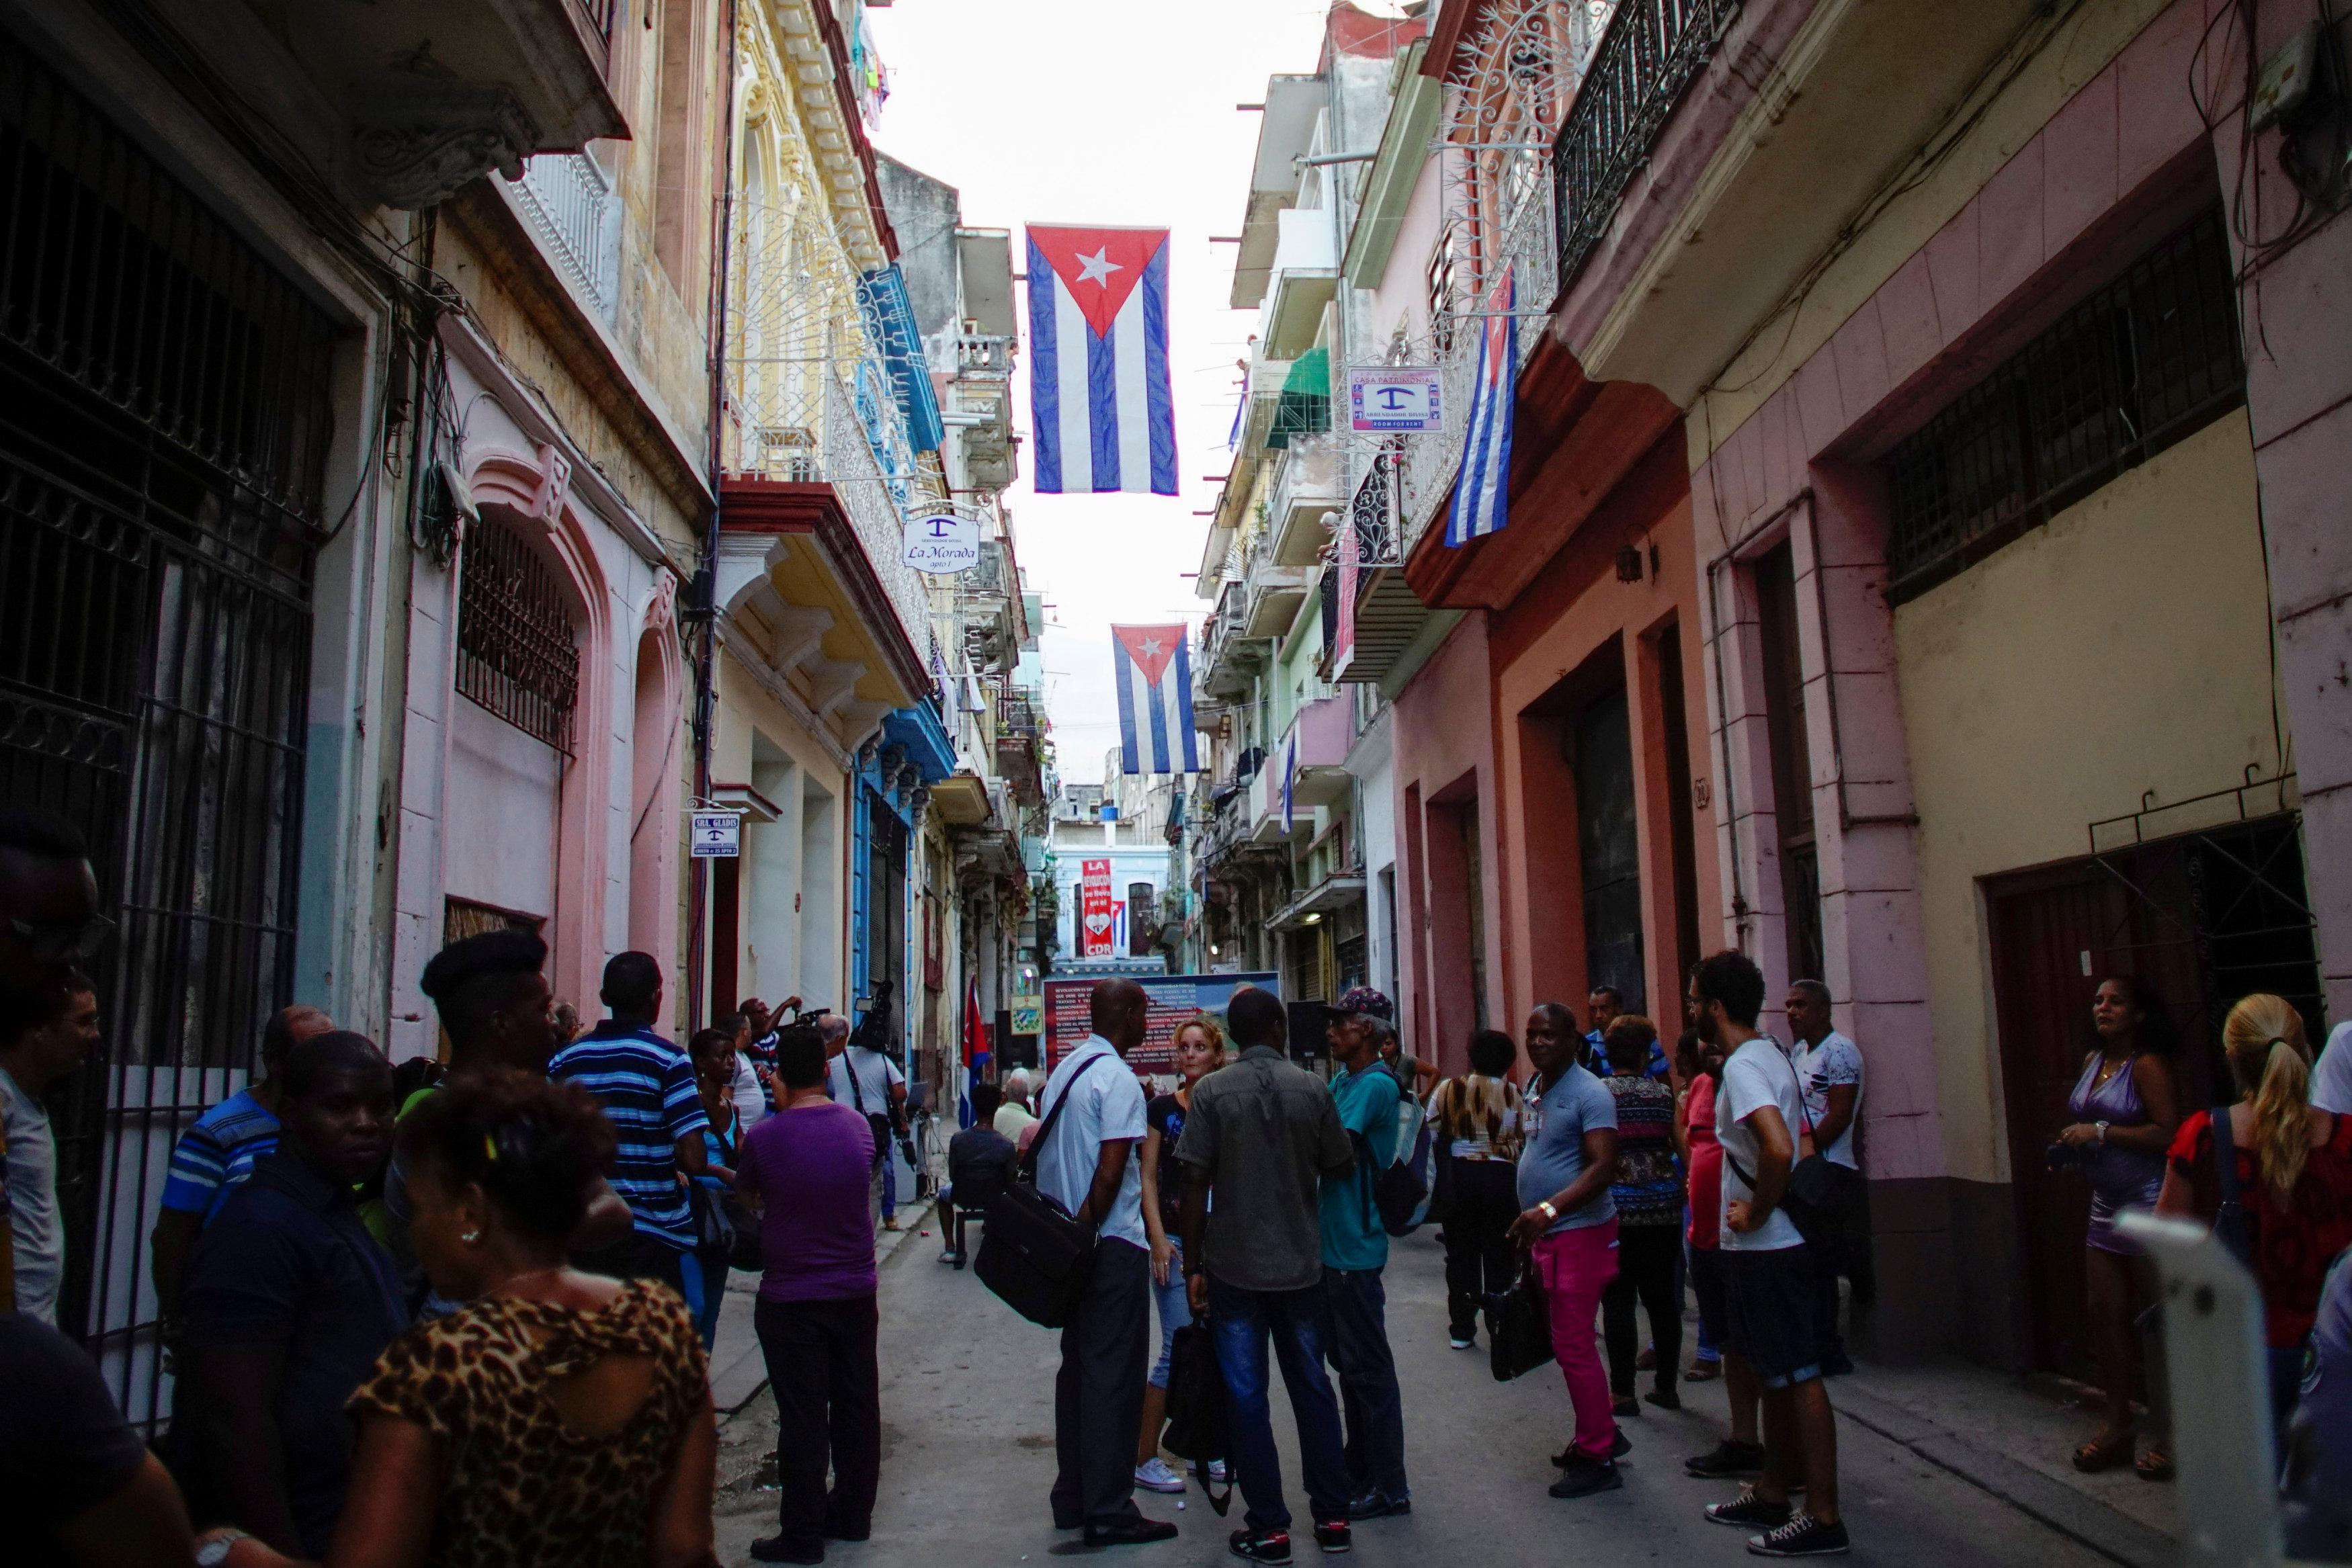 انطلاق ماراثون الانتخابات المحلية فى كوبا